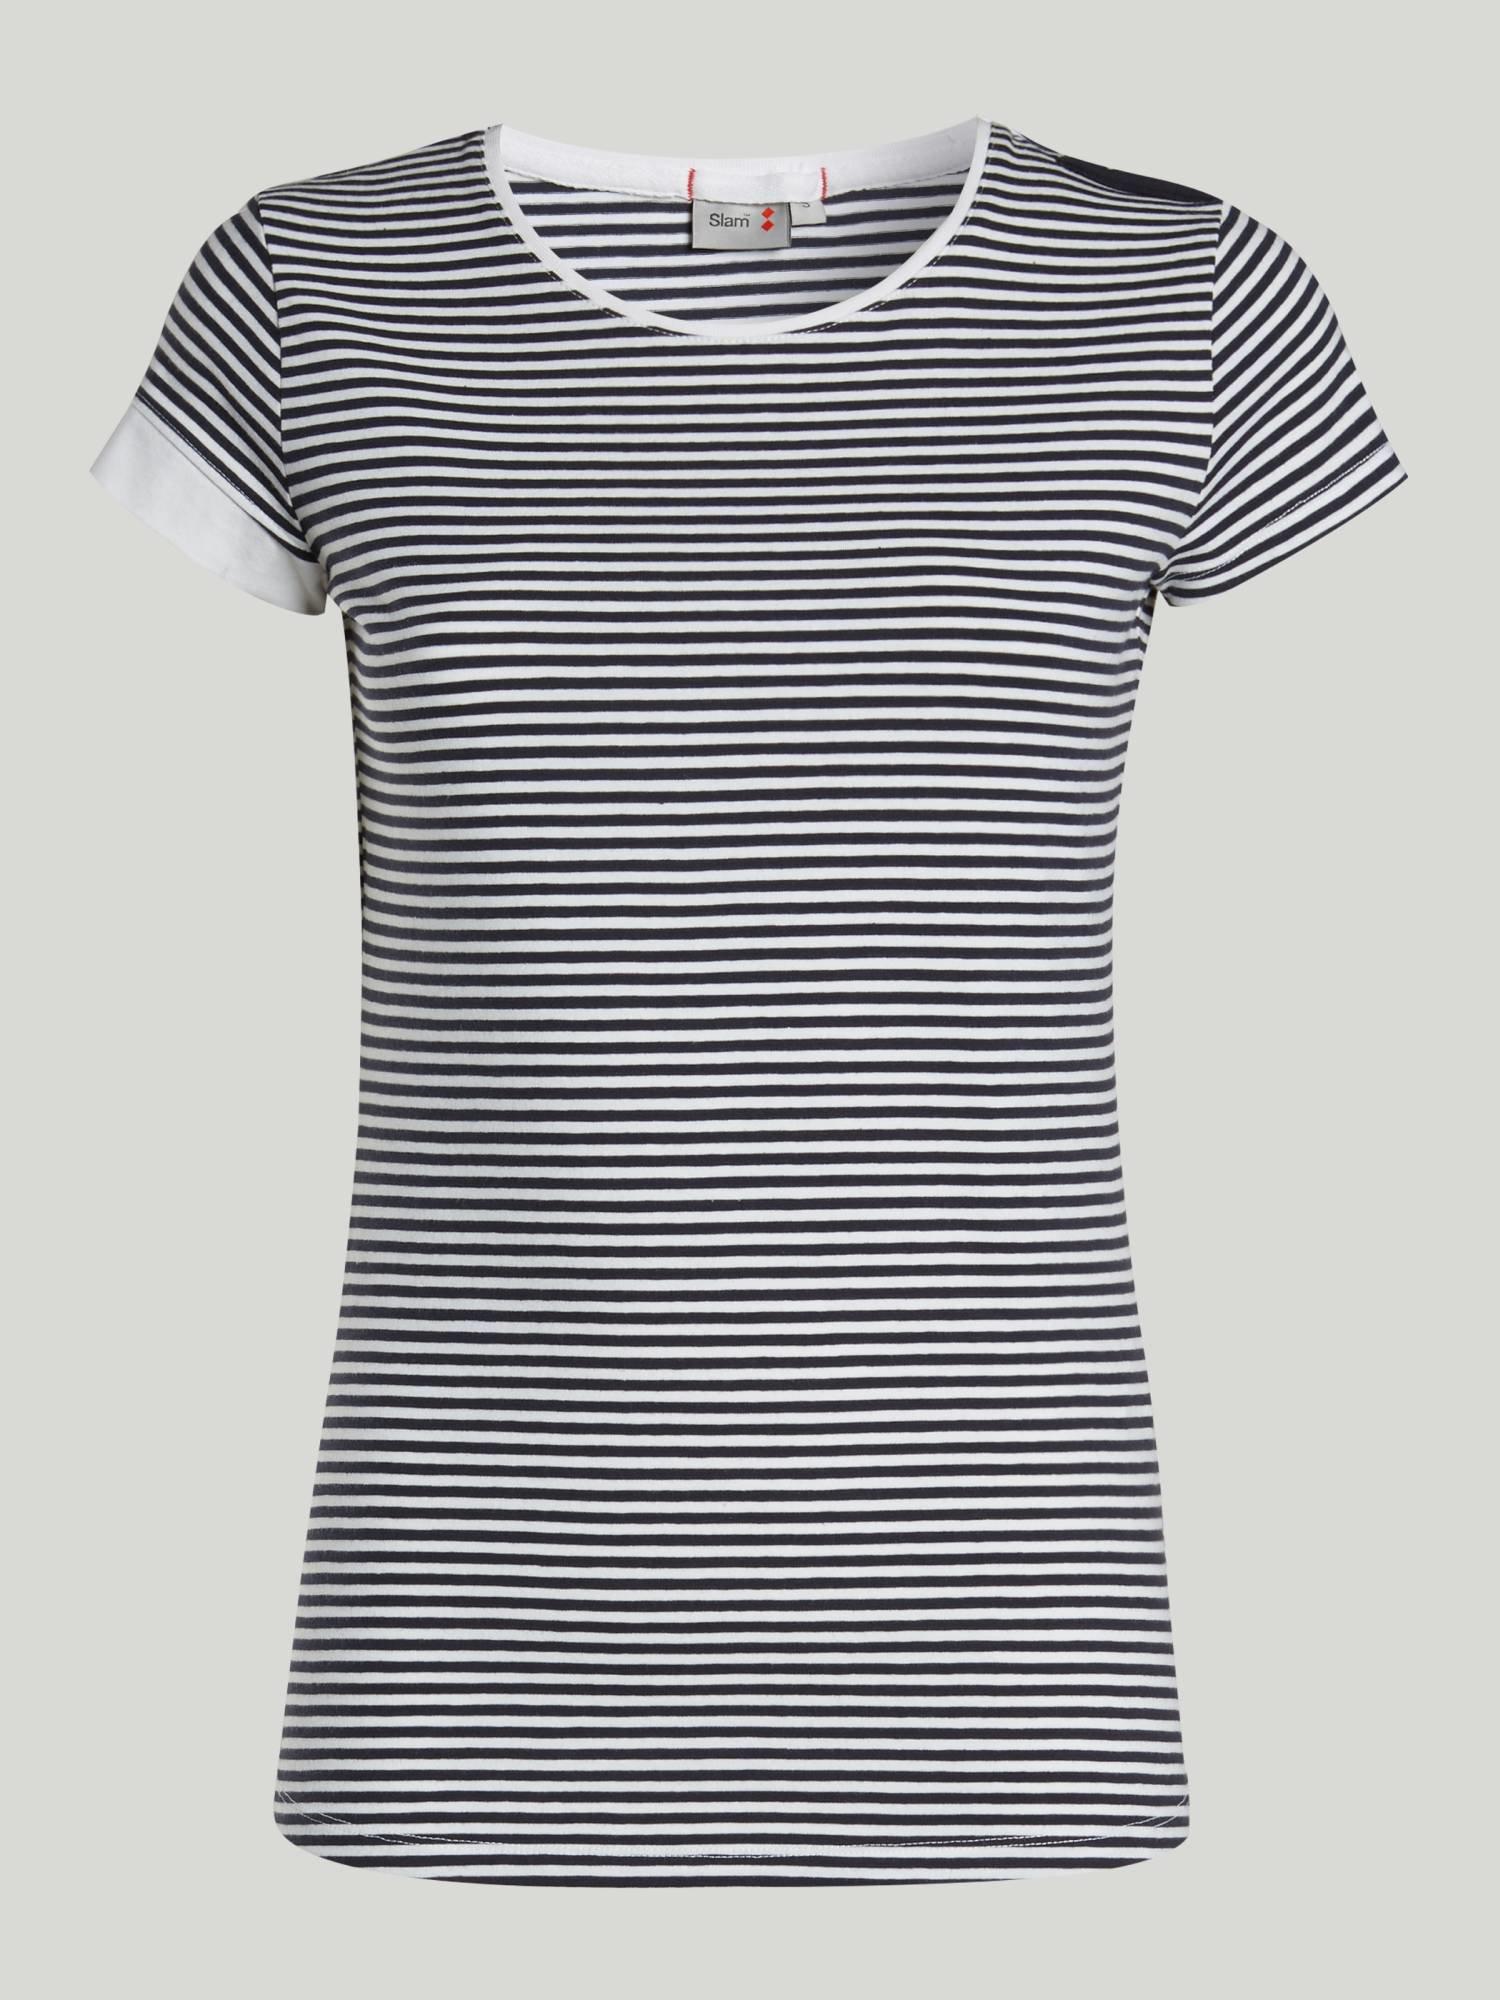 T-Shirt A119 - Marineblau / Weiss